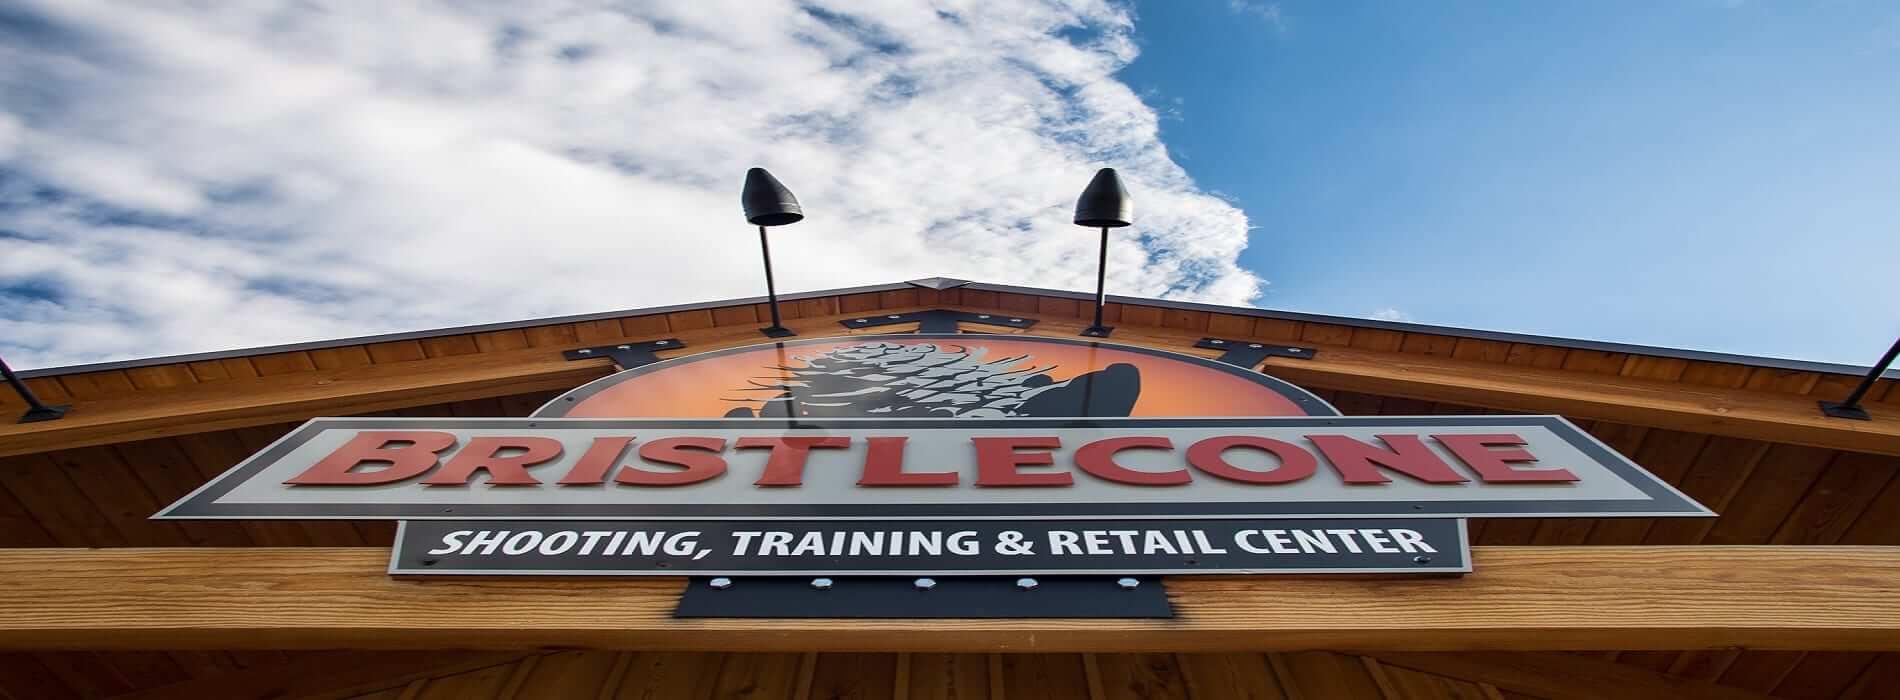 Shooting Range In Denver | Gun Range | Training and Retail